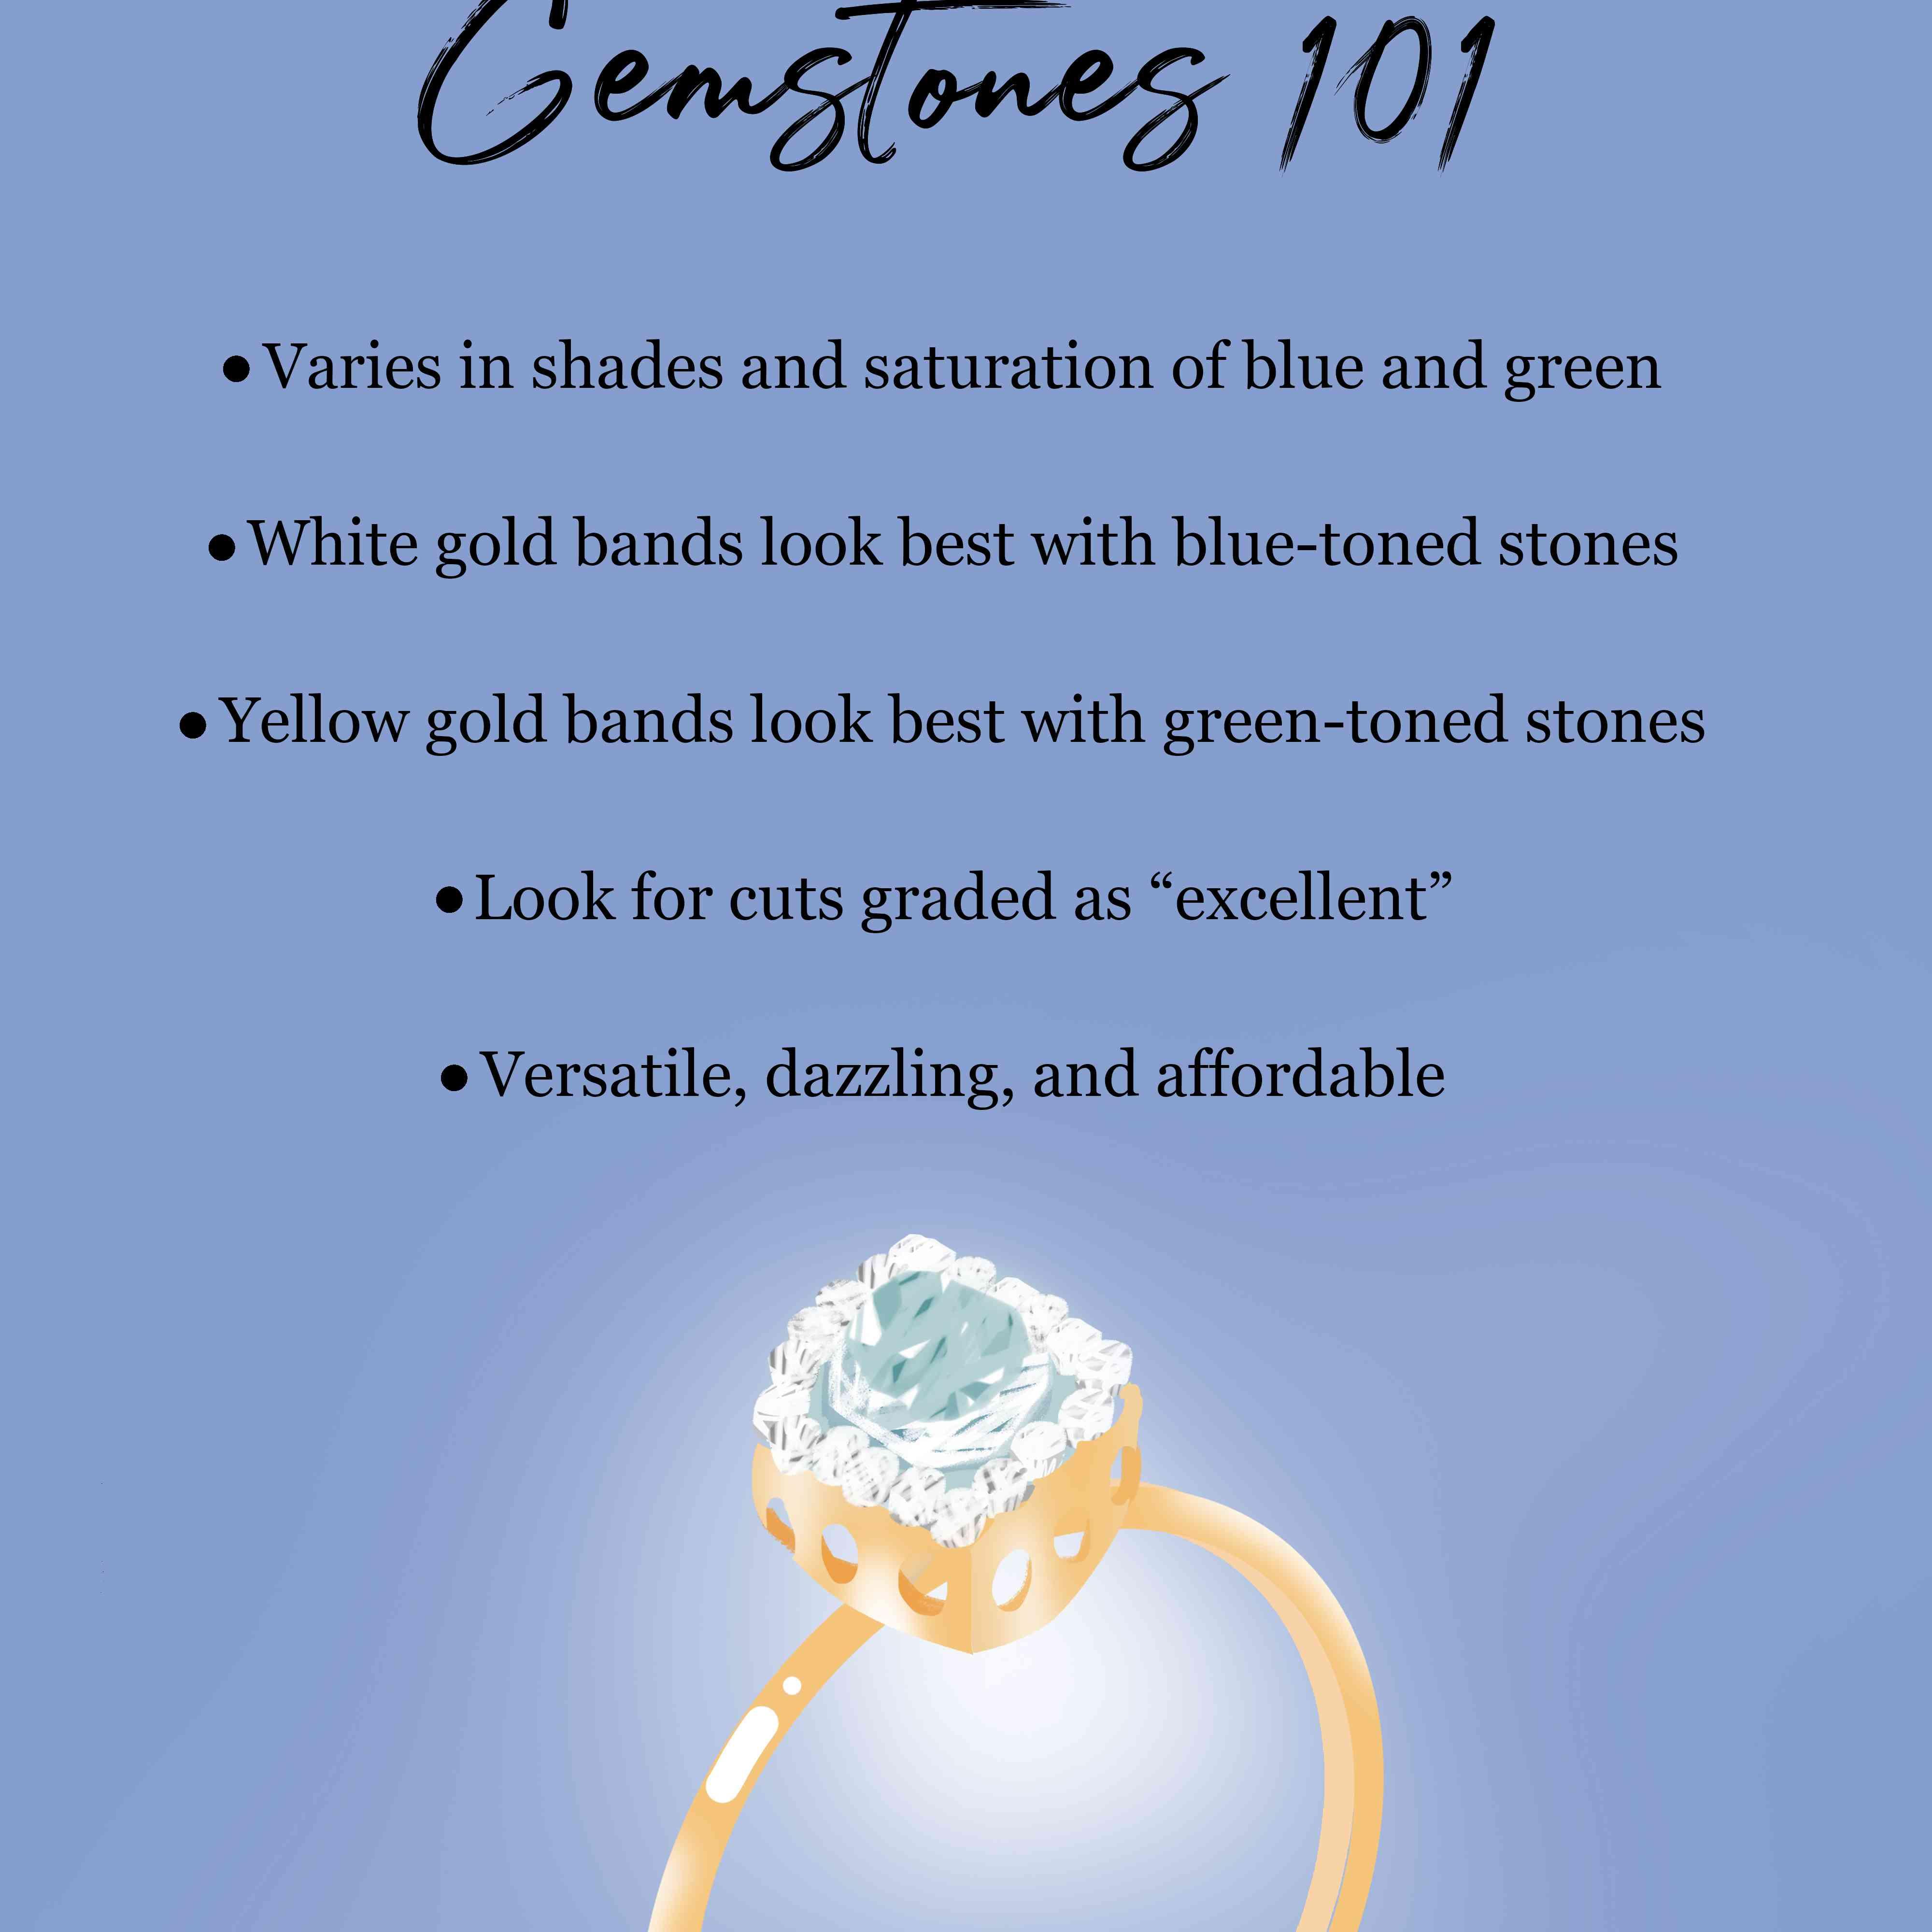 Aquamarine Gemstones 101